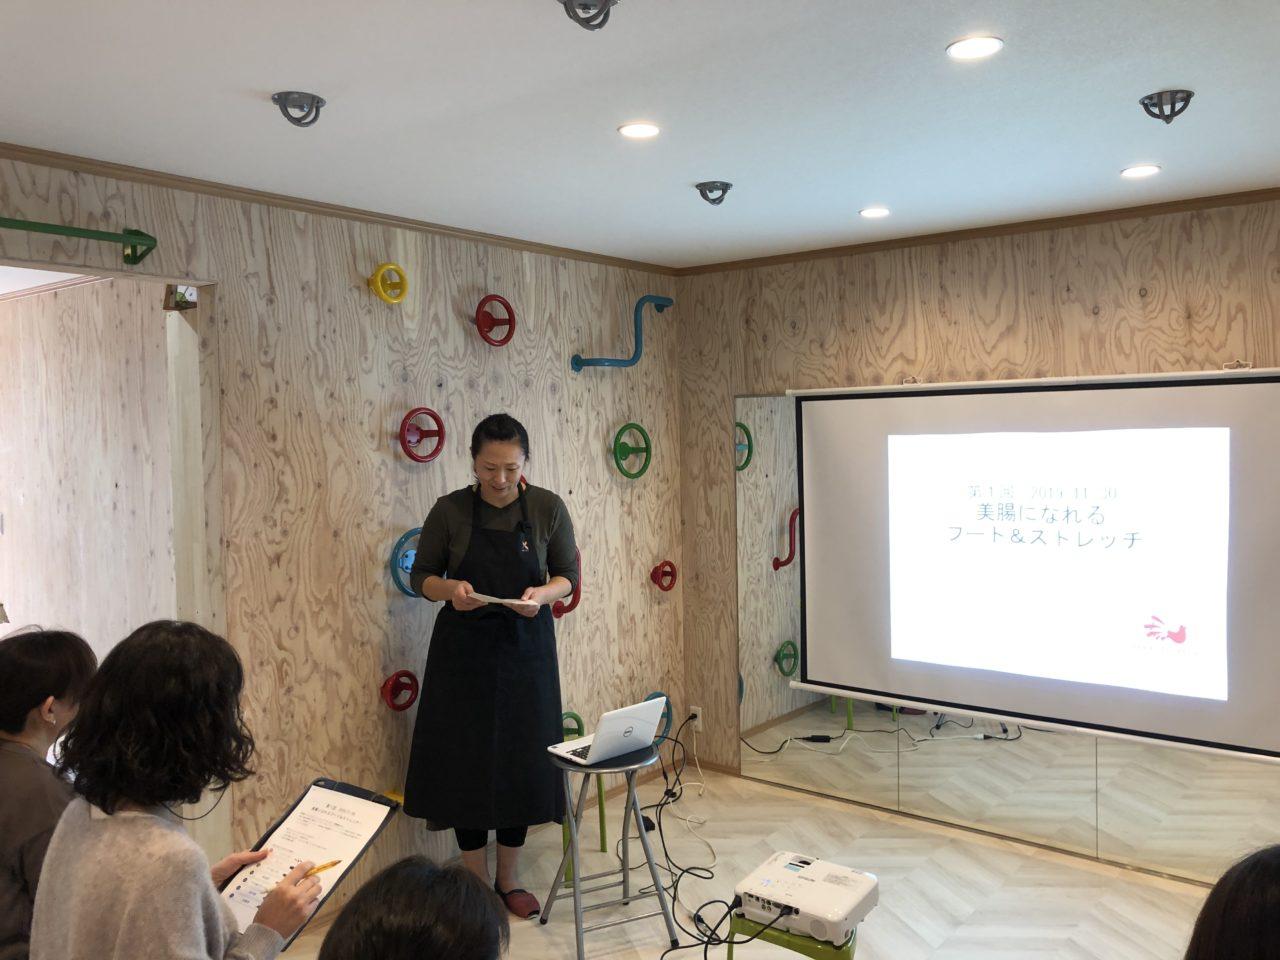 つくばのパーソナルトレーニング×料理教室のお店/マンマビレッジの腸活セミナーのイベント風景,野菜ソムリエ田野島万由子の講義